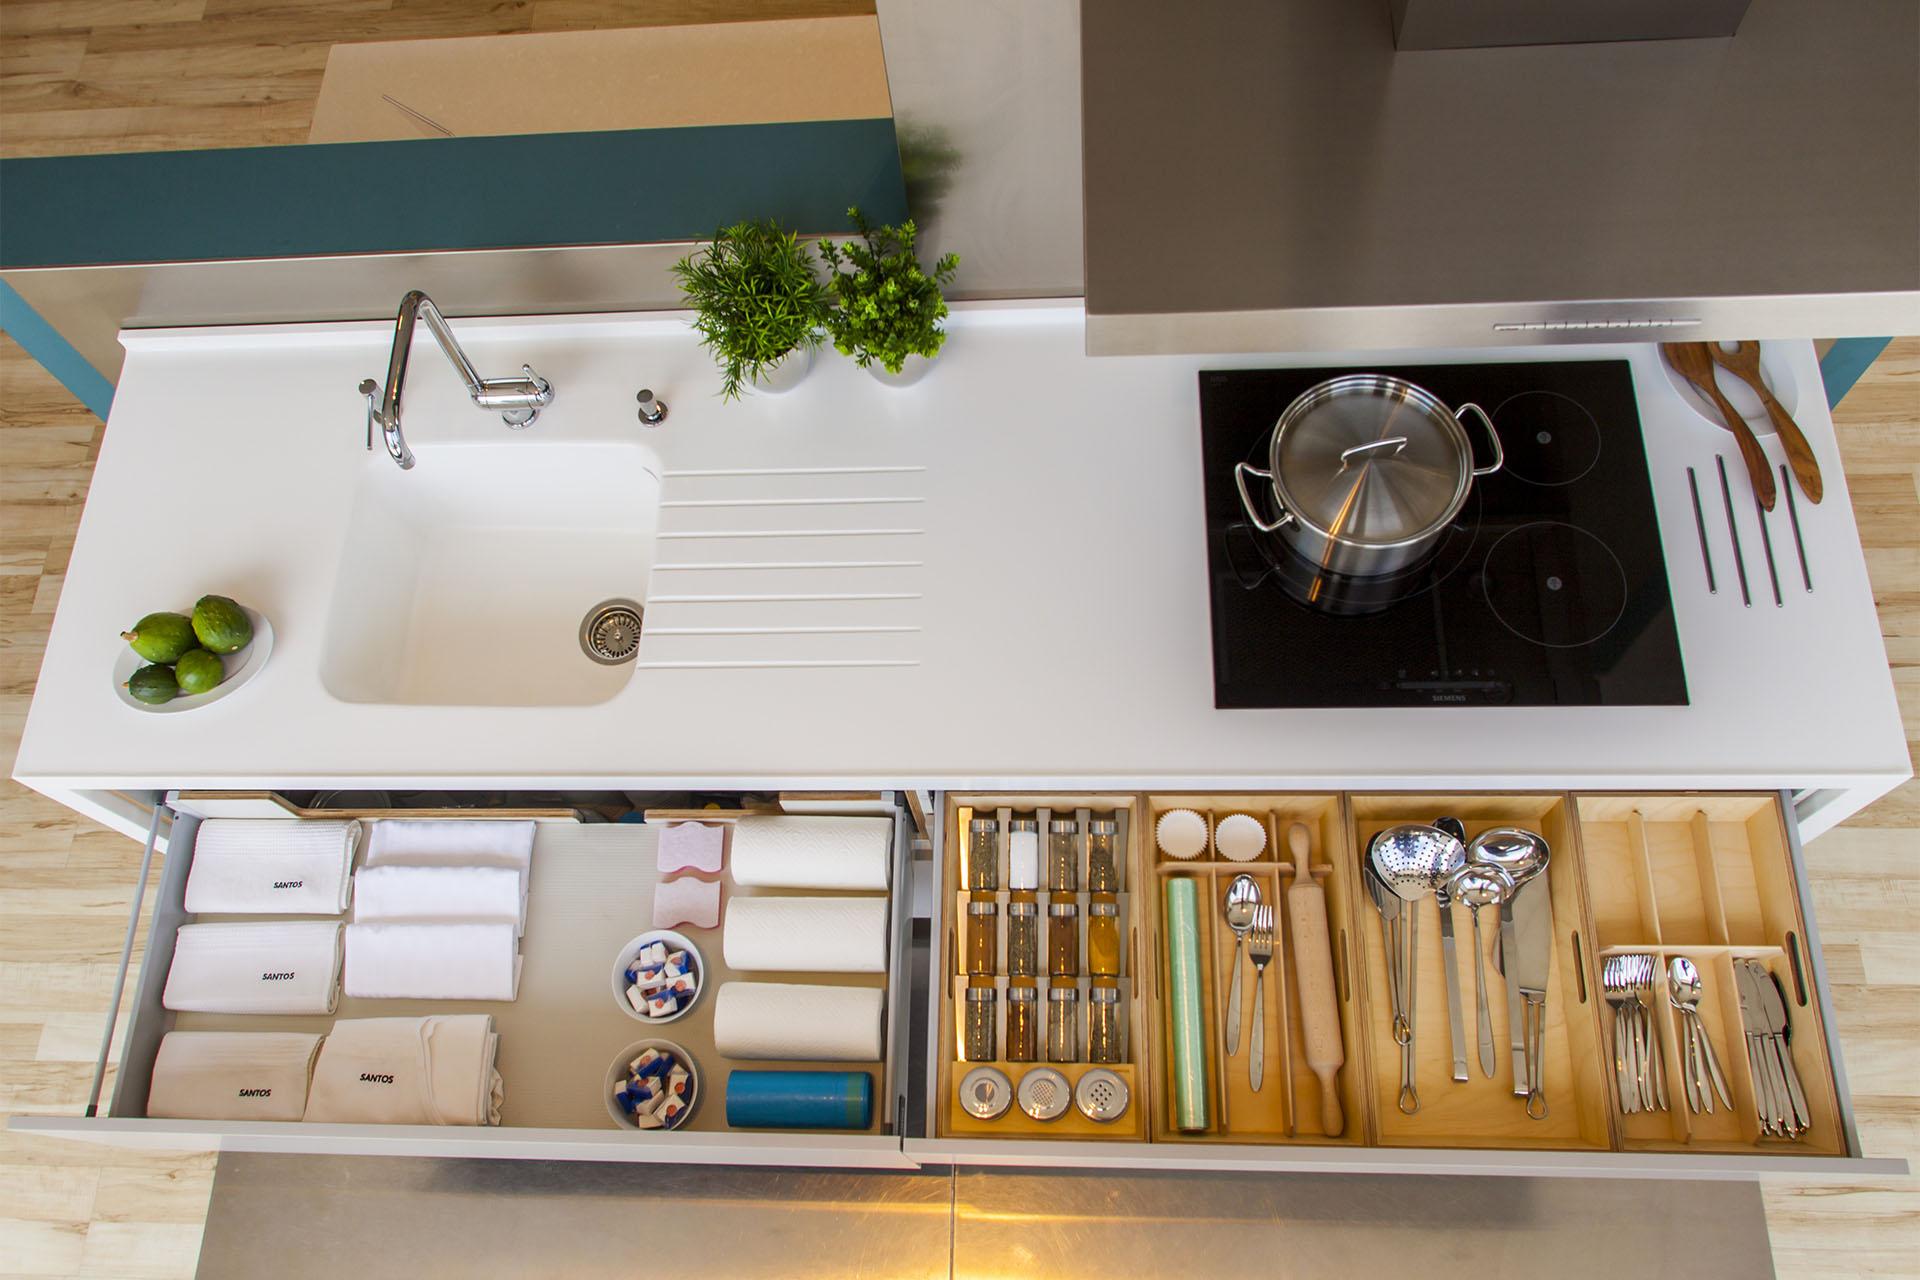 Encimeras de cocina | Corian | Cocinas Santos | Santiago Interiores